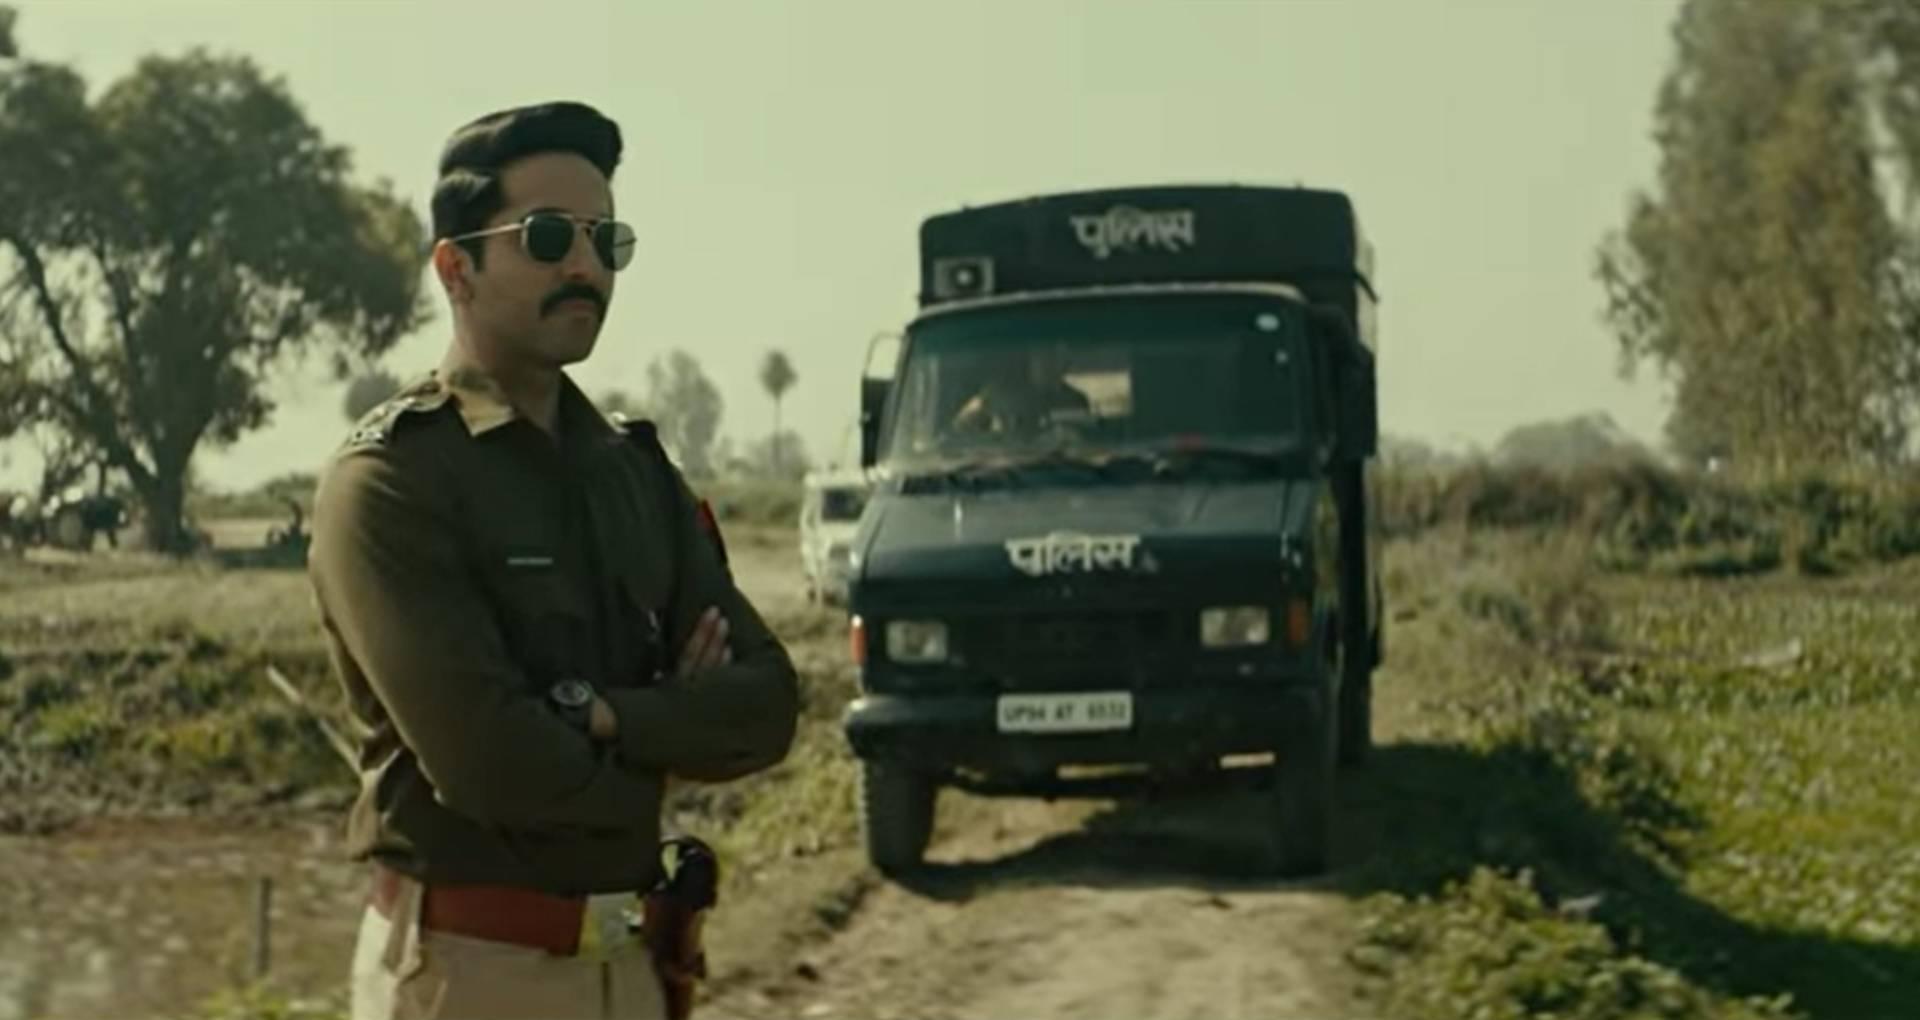 Article 15 Teaser: आयुष्मान खुराना का पुलिस ऑफिसर के रोल में दिखा दमदार लुक, इस सच्ची घटना पर आधारित है फिल्म